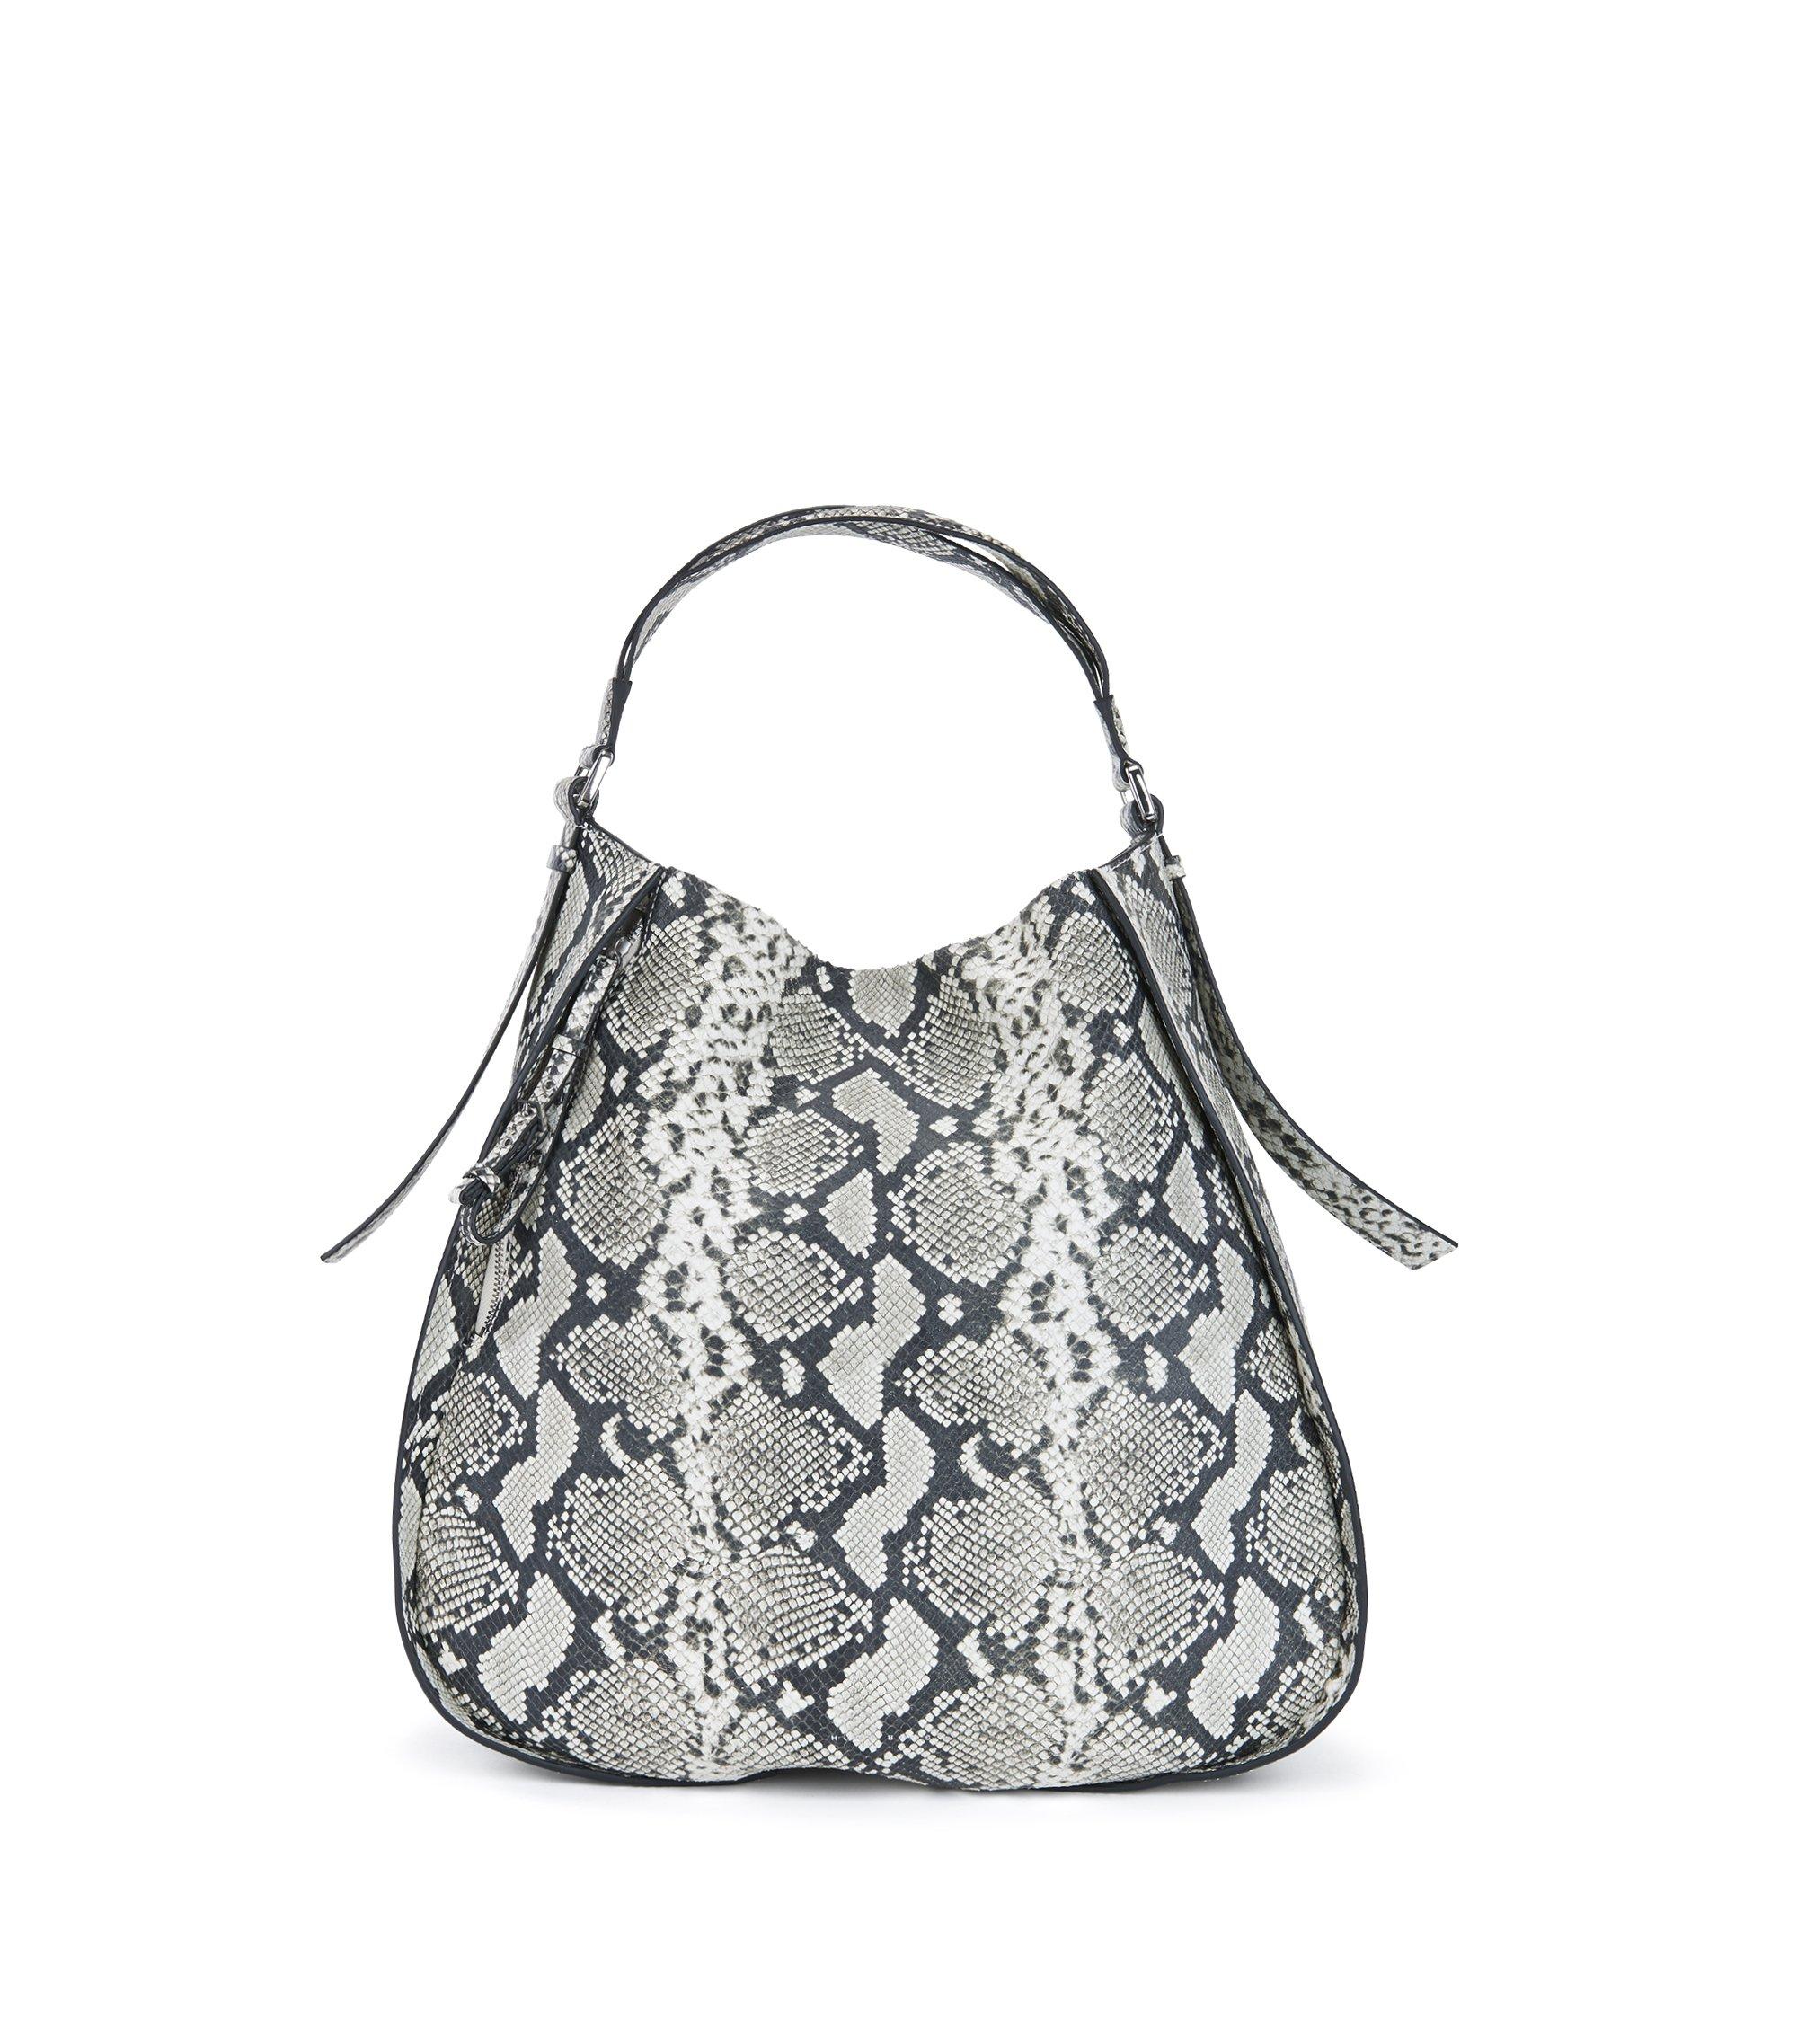 Hobo Bag aus italienischem Leder mit Python-Prägung, Gemustert